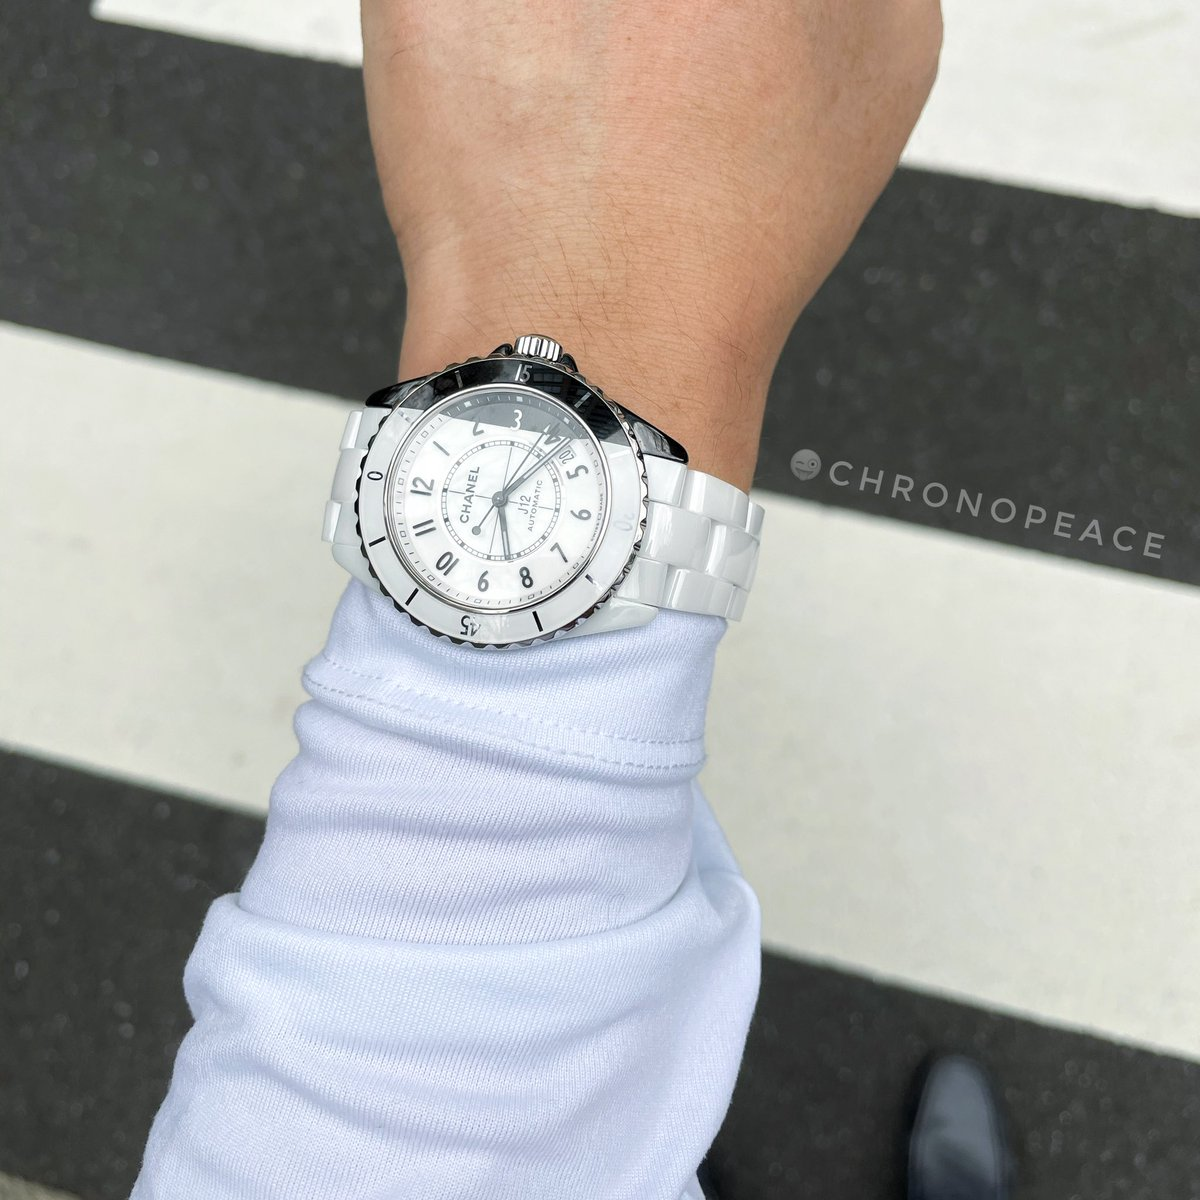 一線を超えてるようで、超えてない。 Across the border or not?  #Chanel #chanelwatches #chanelwatch #chanelj12 #chanelj12paradoxe #j12paradoxe #シャネル #シャネル時計 #シャネル腕時計 #シャネルj12 #シャネルj12パラドックス #wristshot #wristshots #リストショット #j12パラドックス